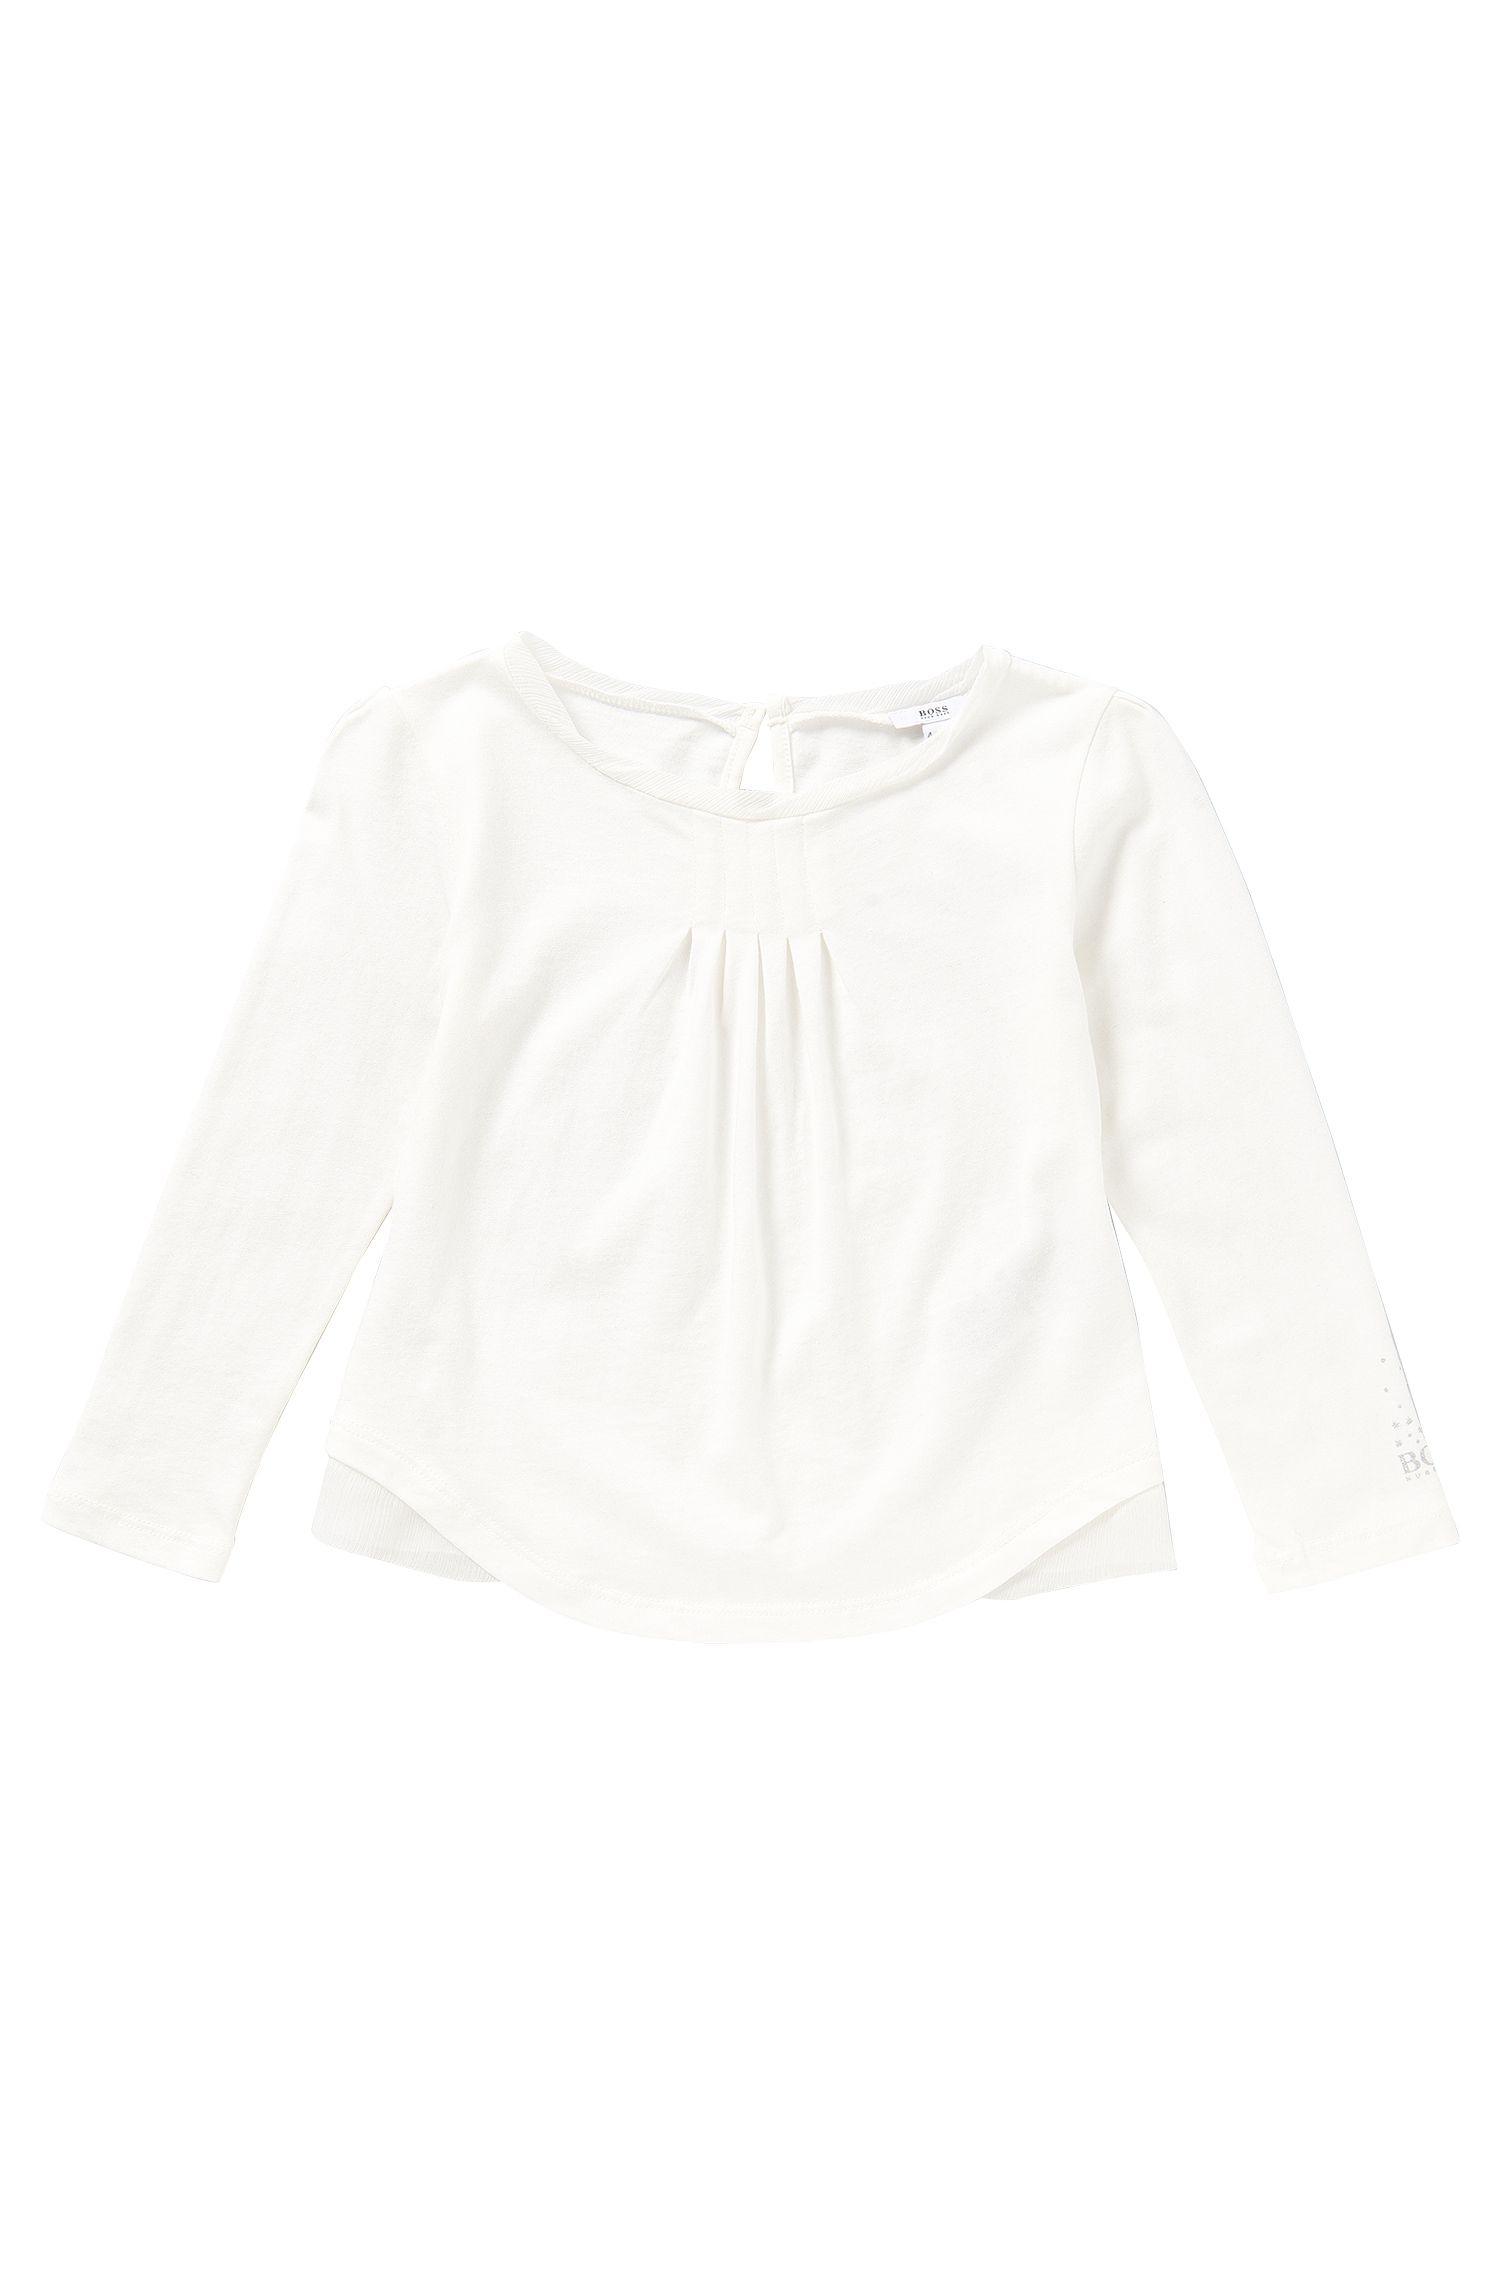 T-shirt pour enfants en coton mélangé, avec un empiècement en soie: «J15305»